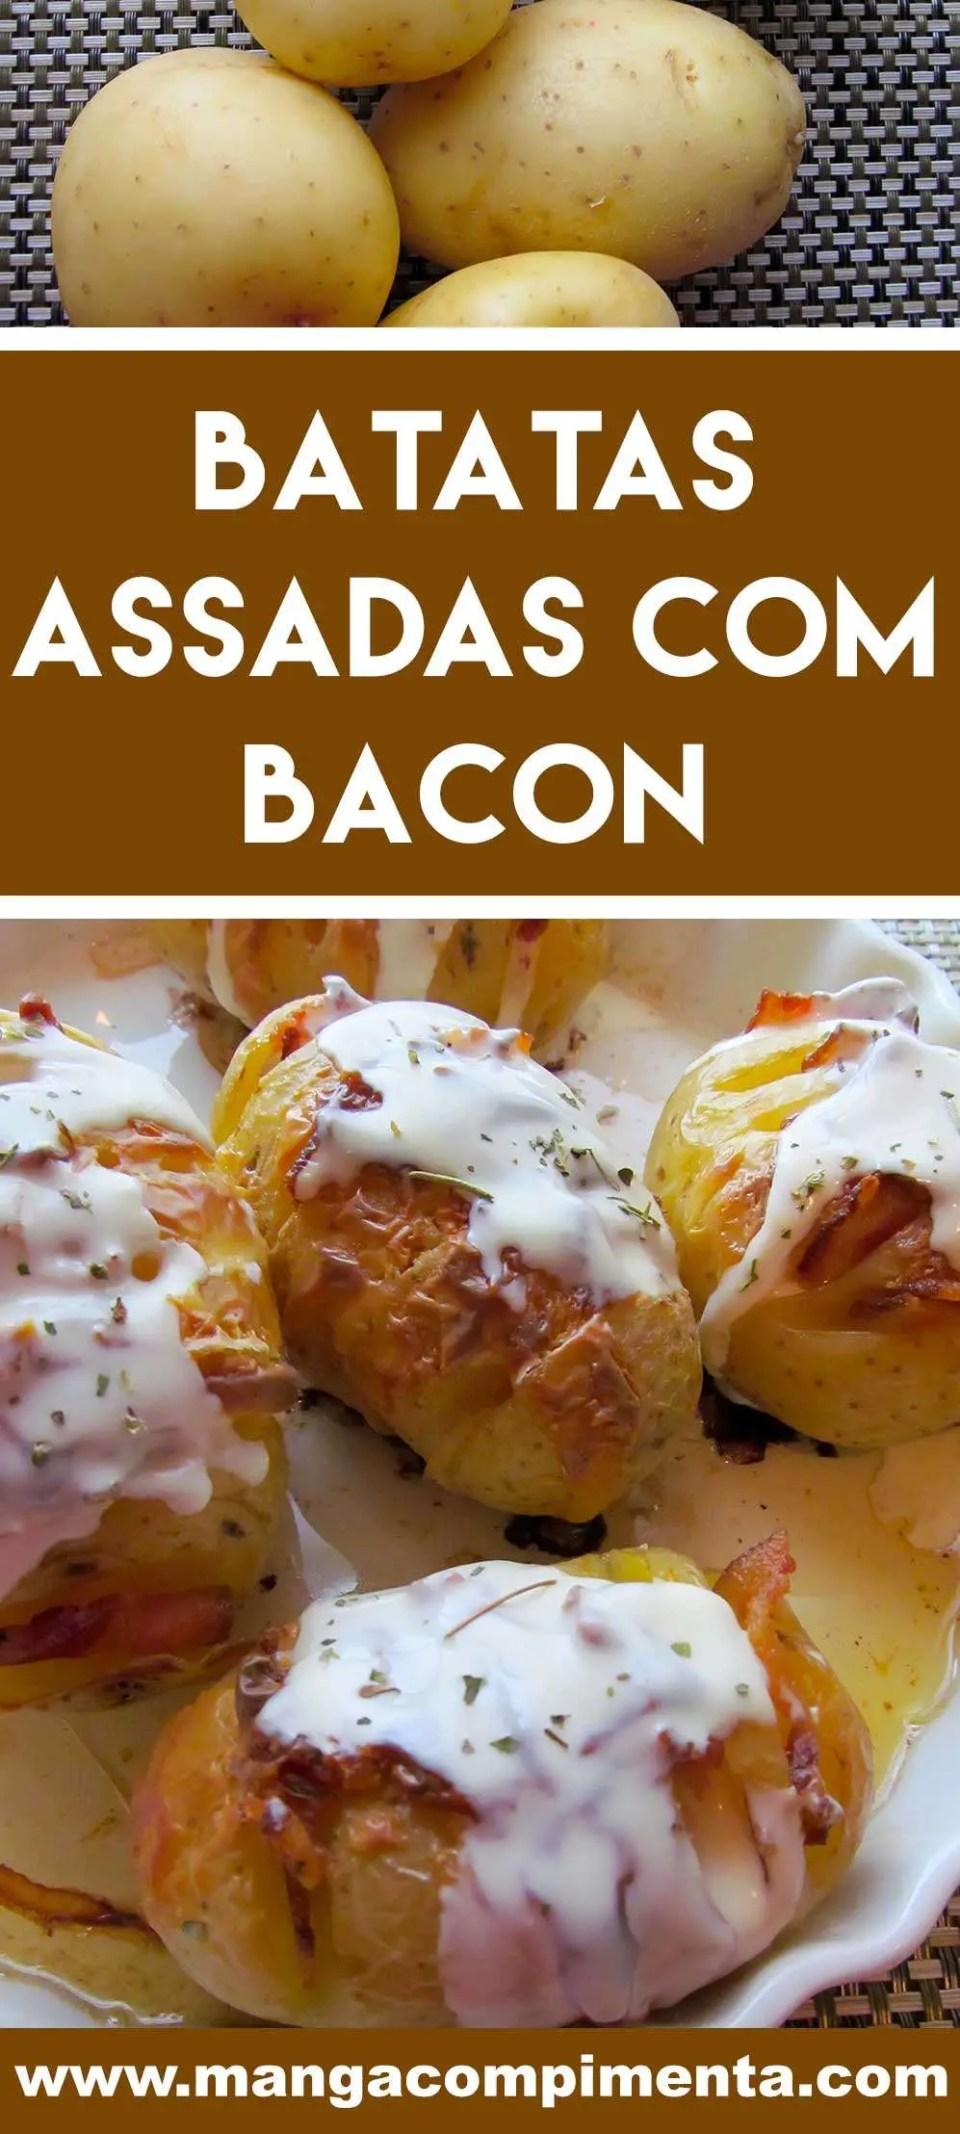 Receita de Batatas Assadas com Bacon - um prato delicioso para as Festas de Final de Ano ou para servir no final de semana.